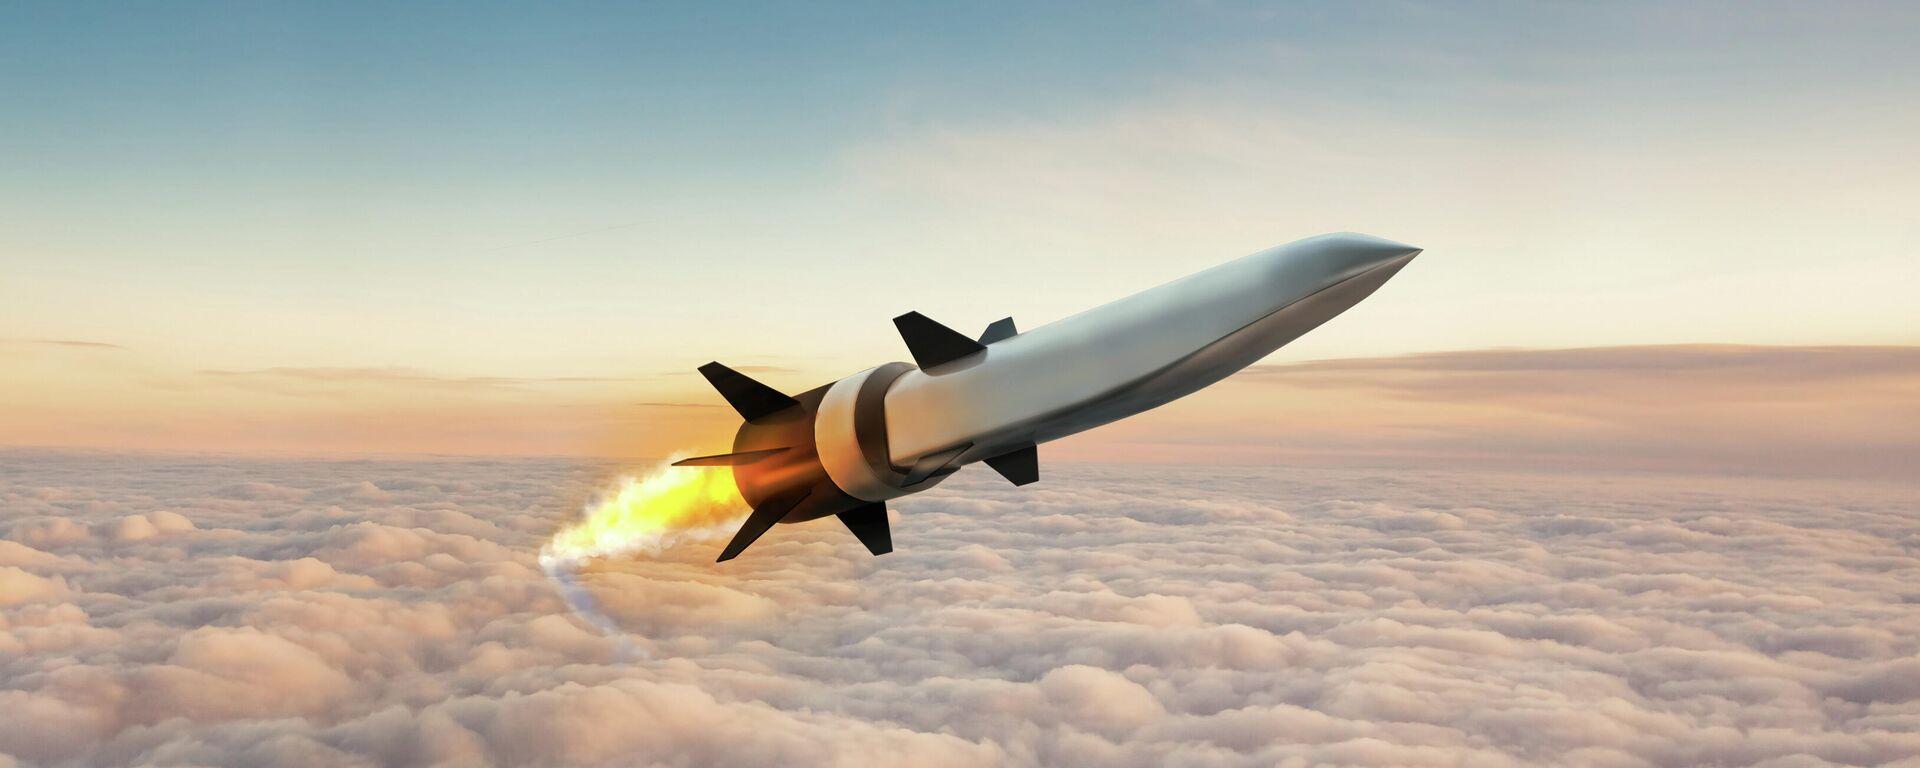 Ракета Hypersonic Air-Ding Weapons Concept (HAWC) в замысле художника - Sputnik Таджикистан, 1920, 28.09.2021